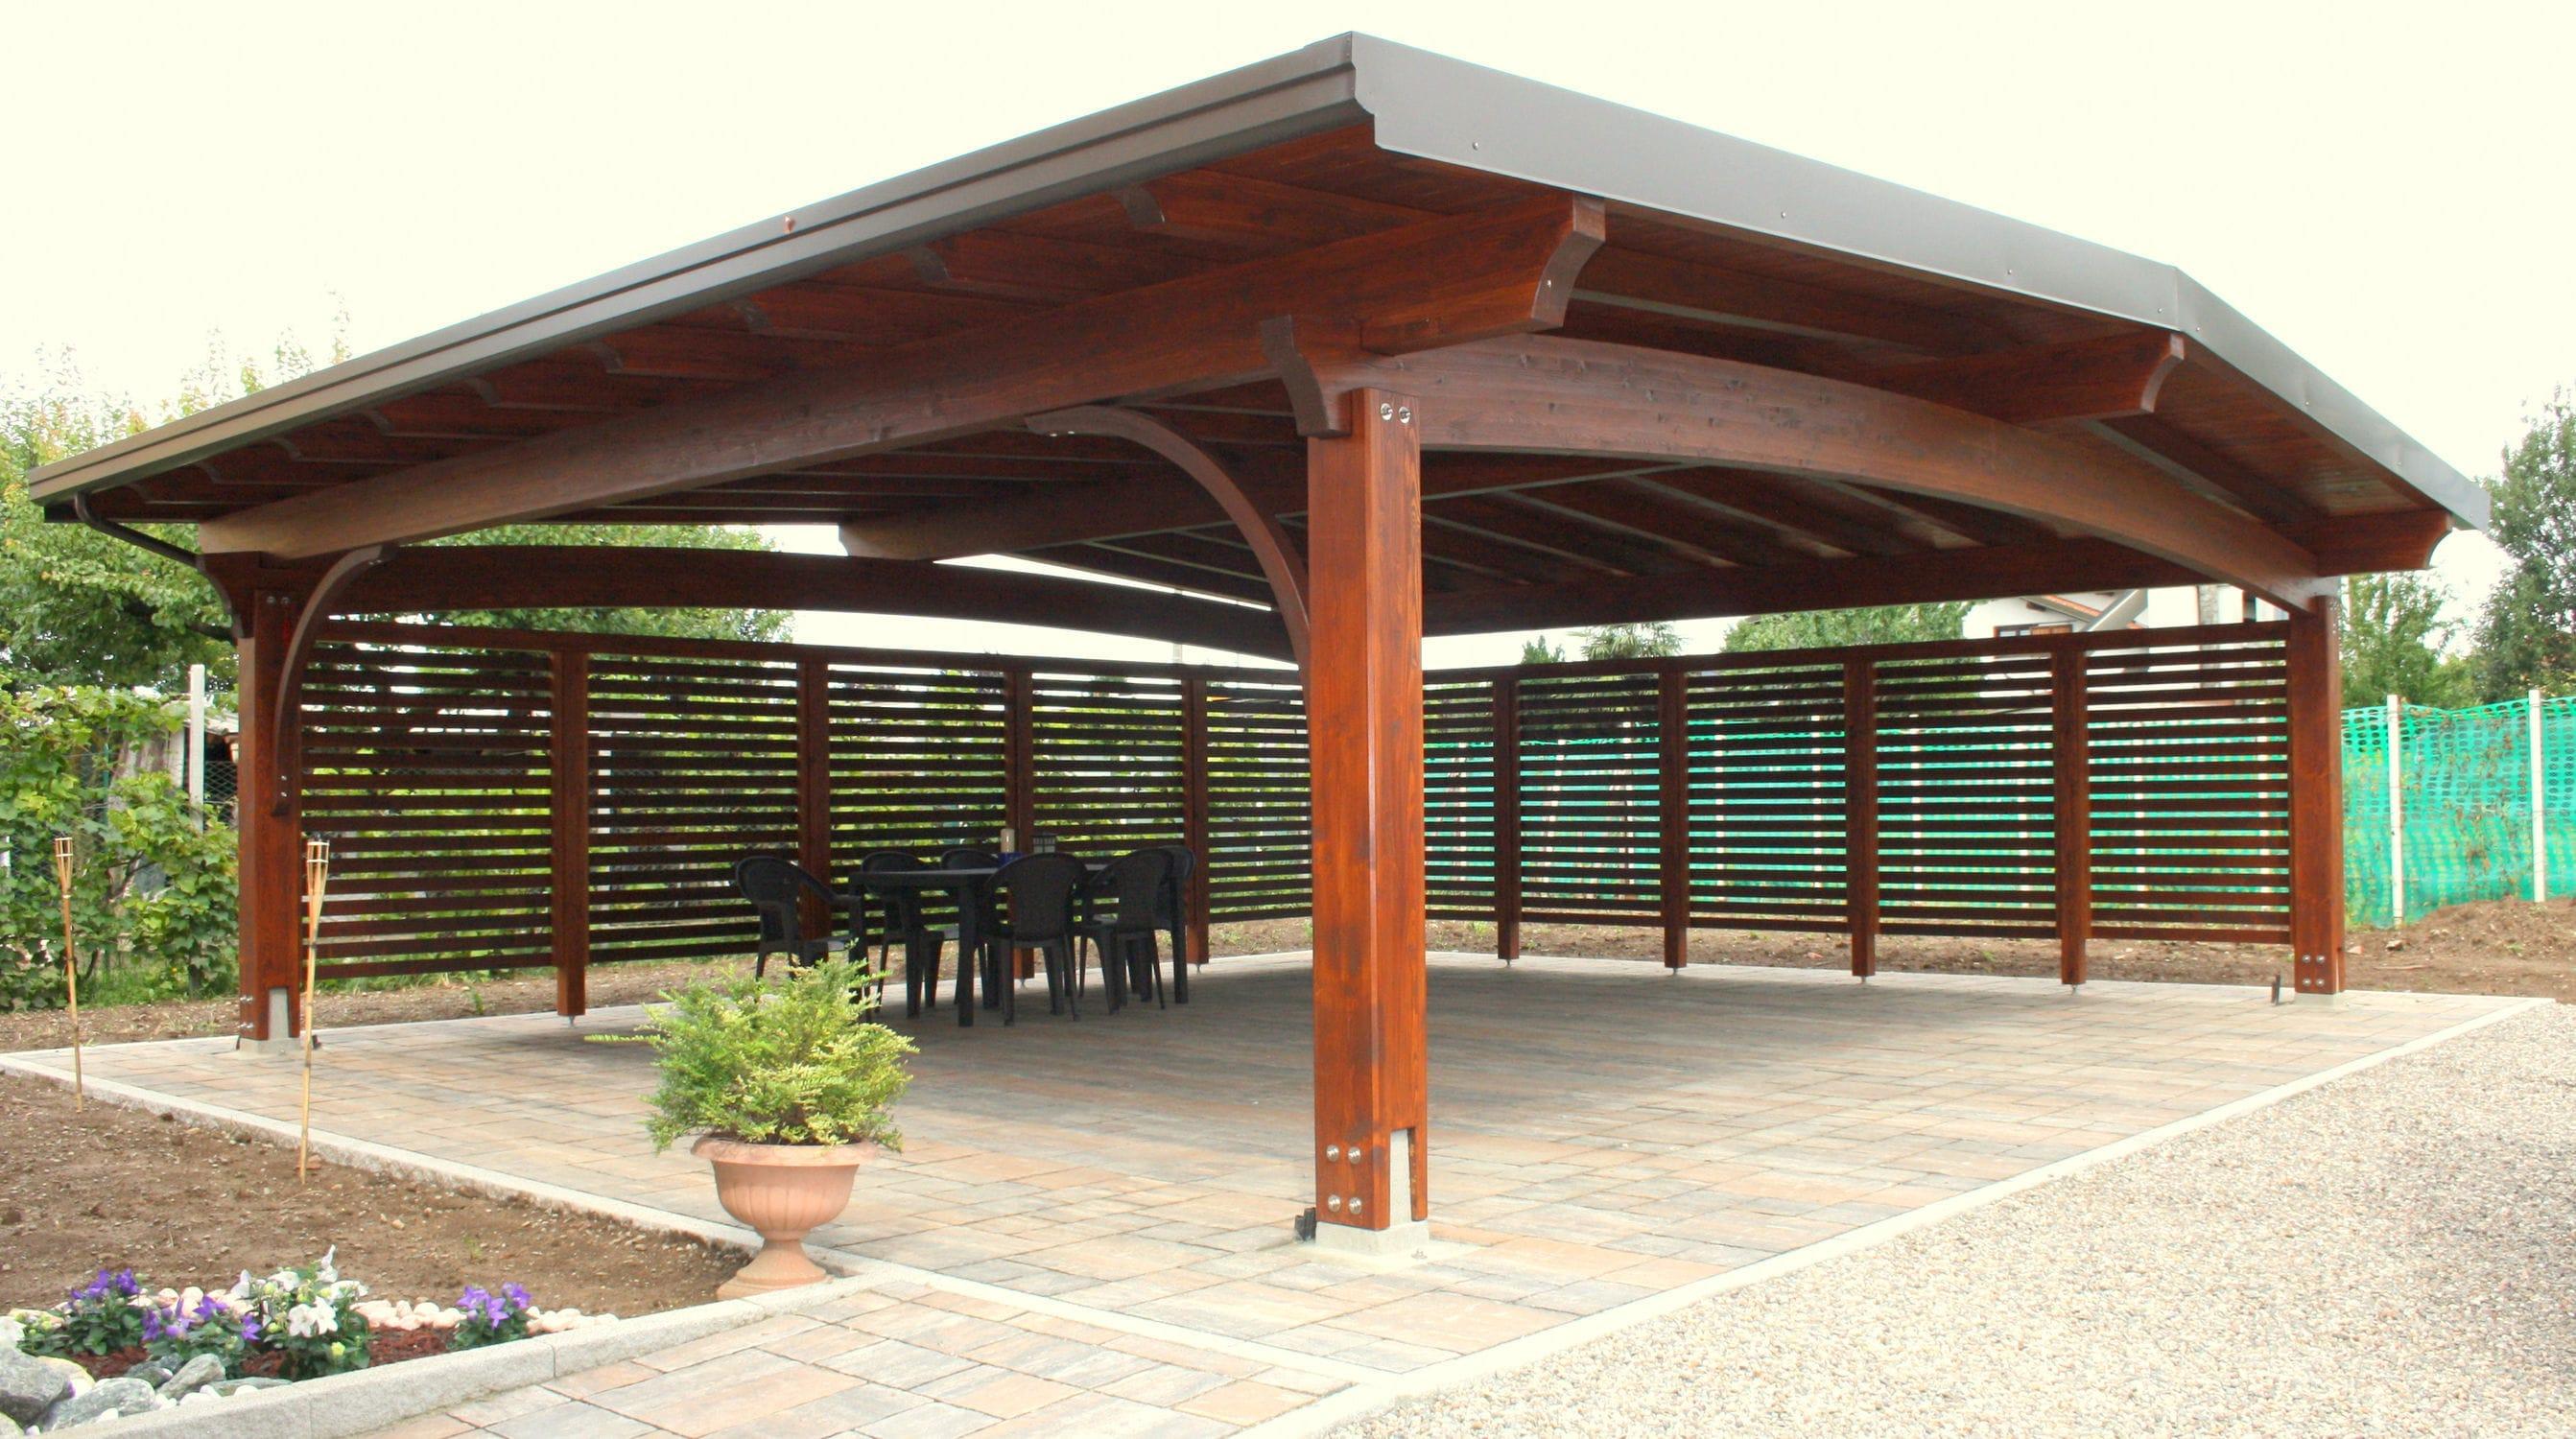 102776-12007223 Luxe De Abri Terrasse Bois Des Idées